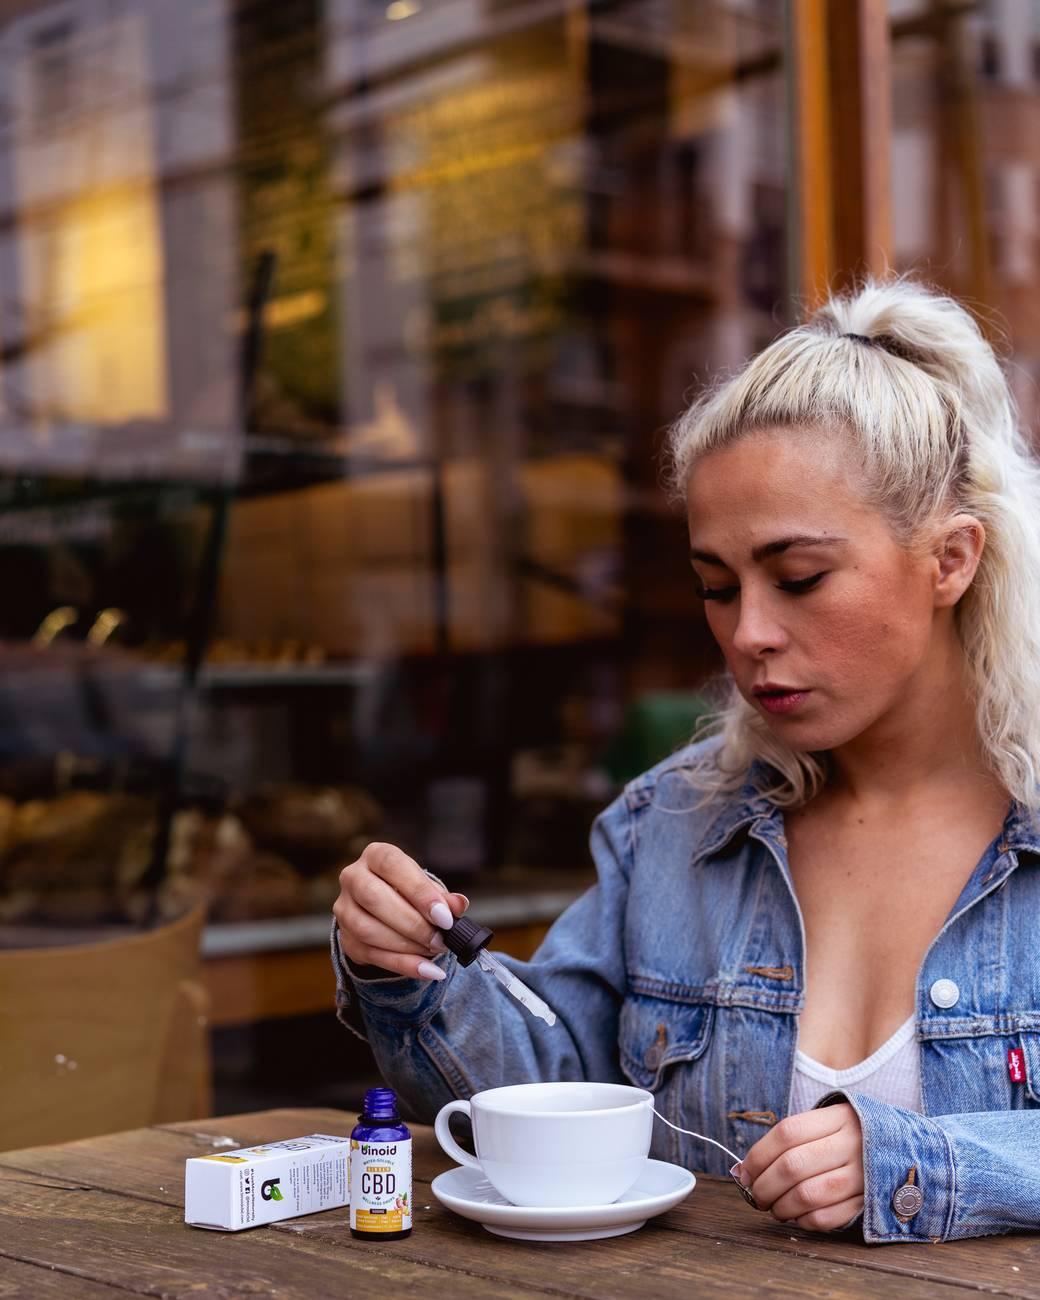 woman in blue denim jacket holding dropper